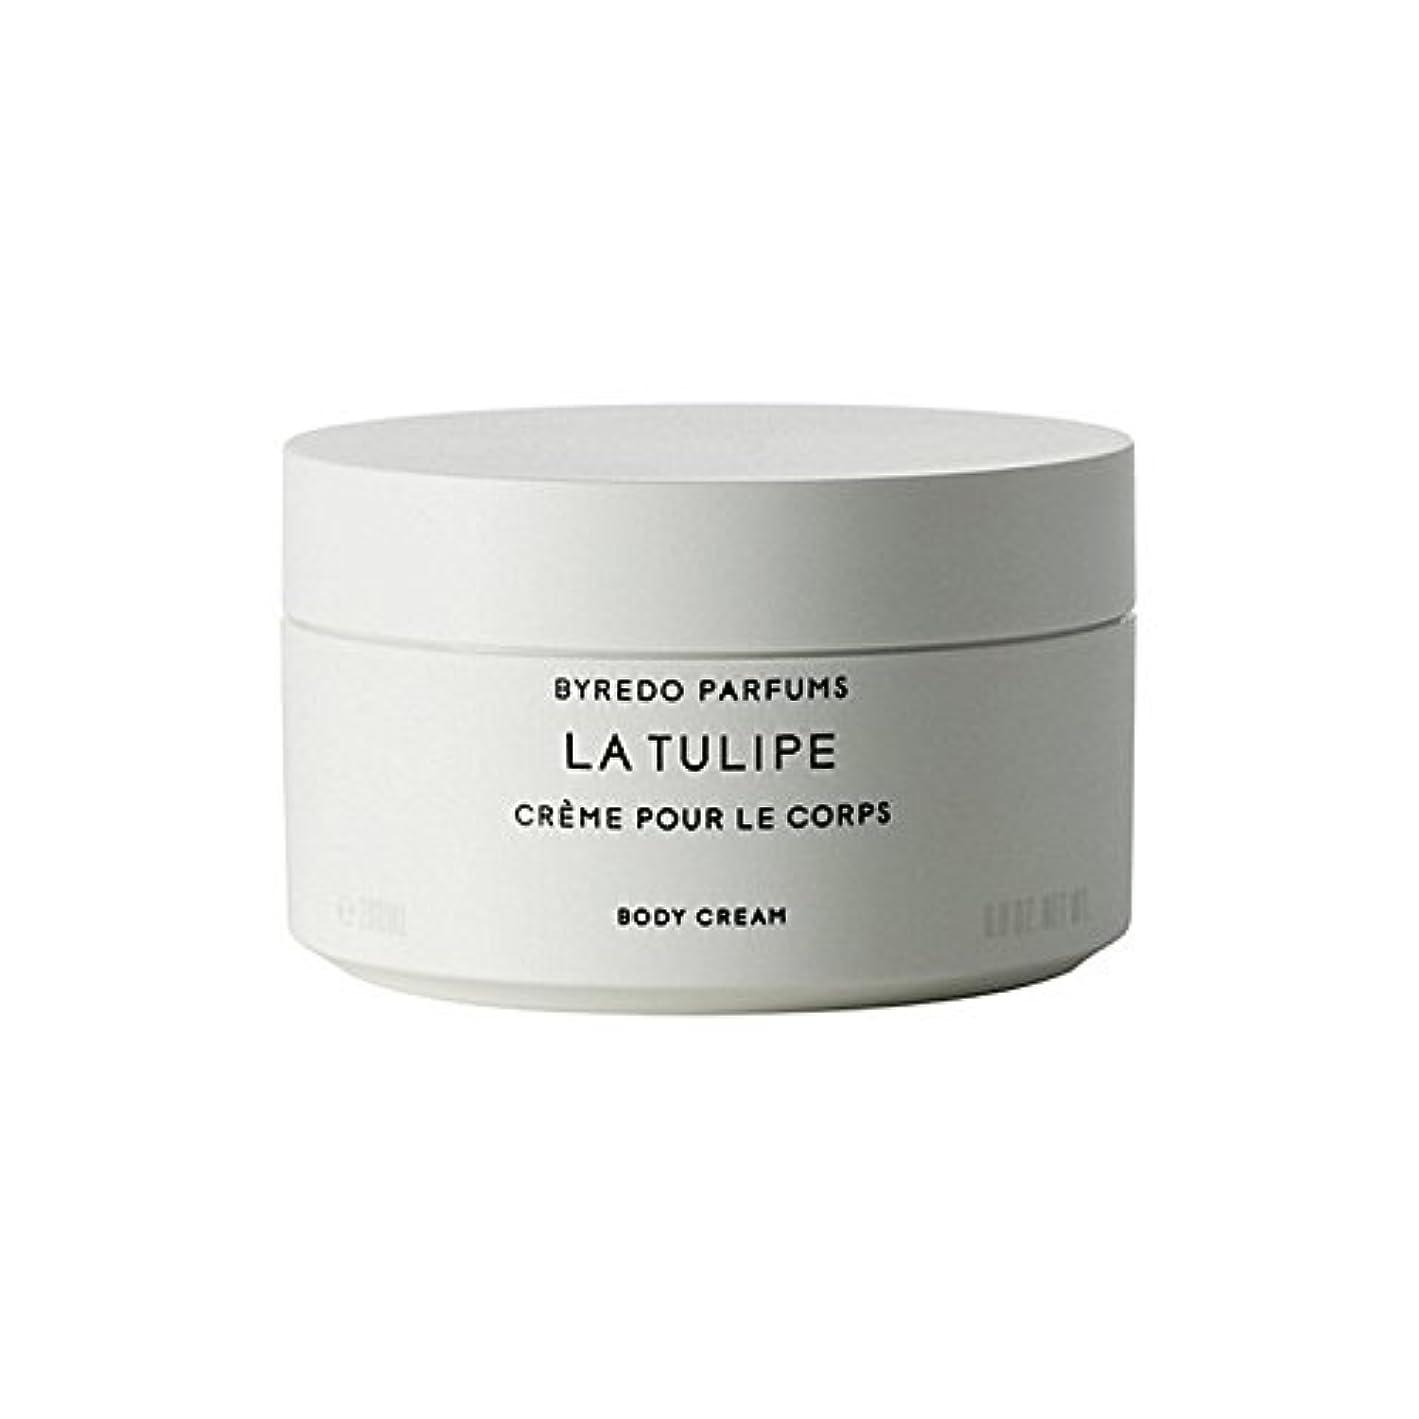 きれいに使用法ビスケットByredo La Tulipe Body Cream 200ml - ラチューリップボディクリーム200ミリリットル [並行輸入品]